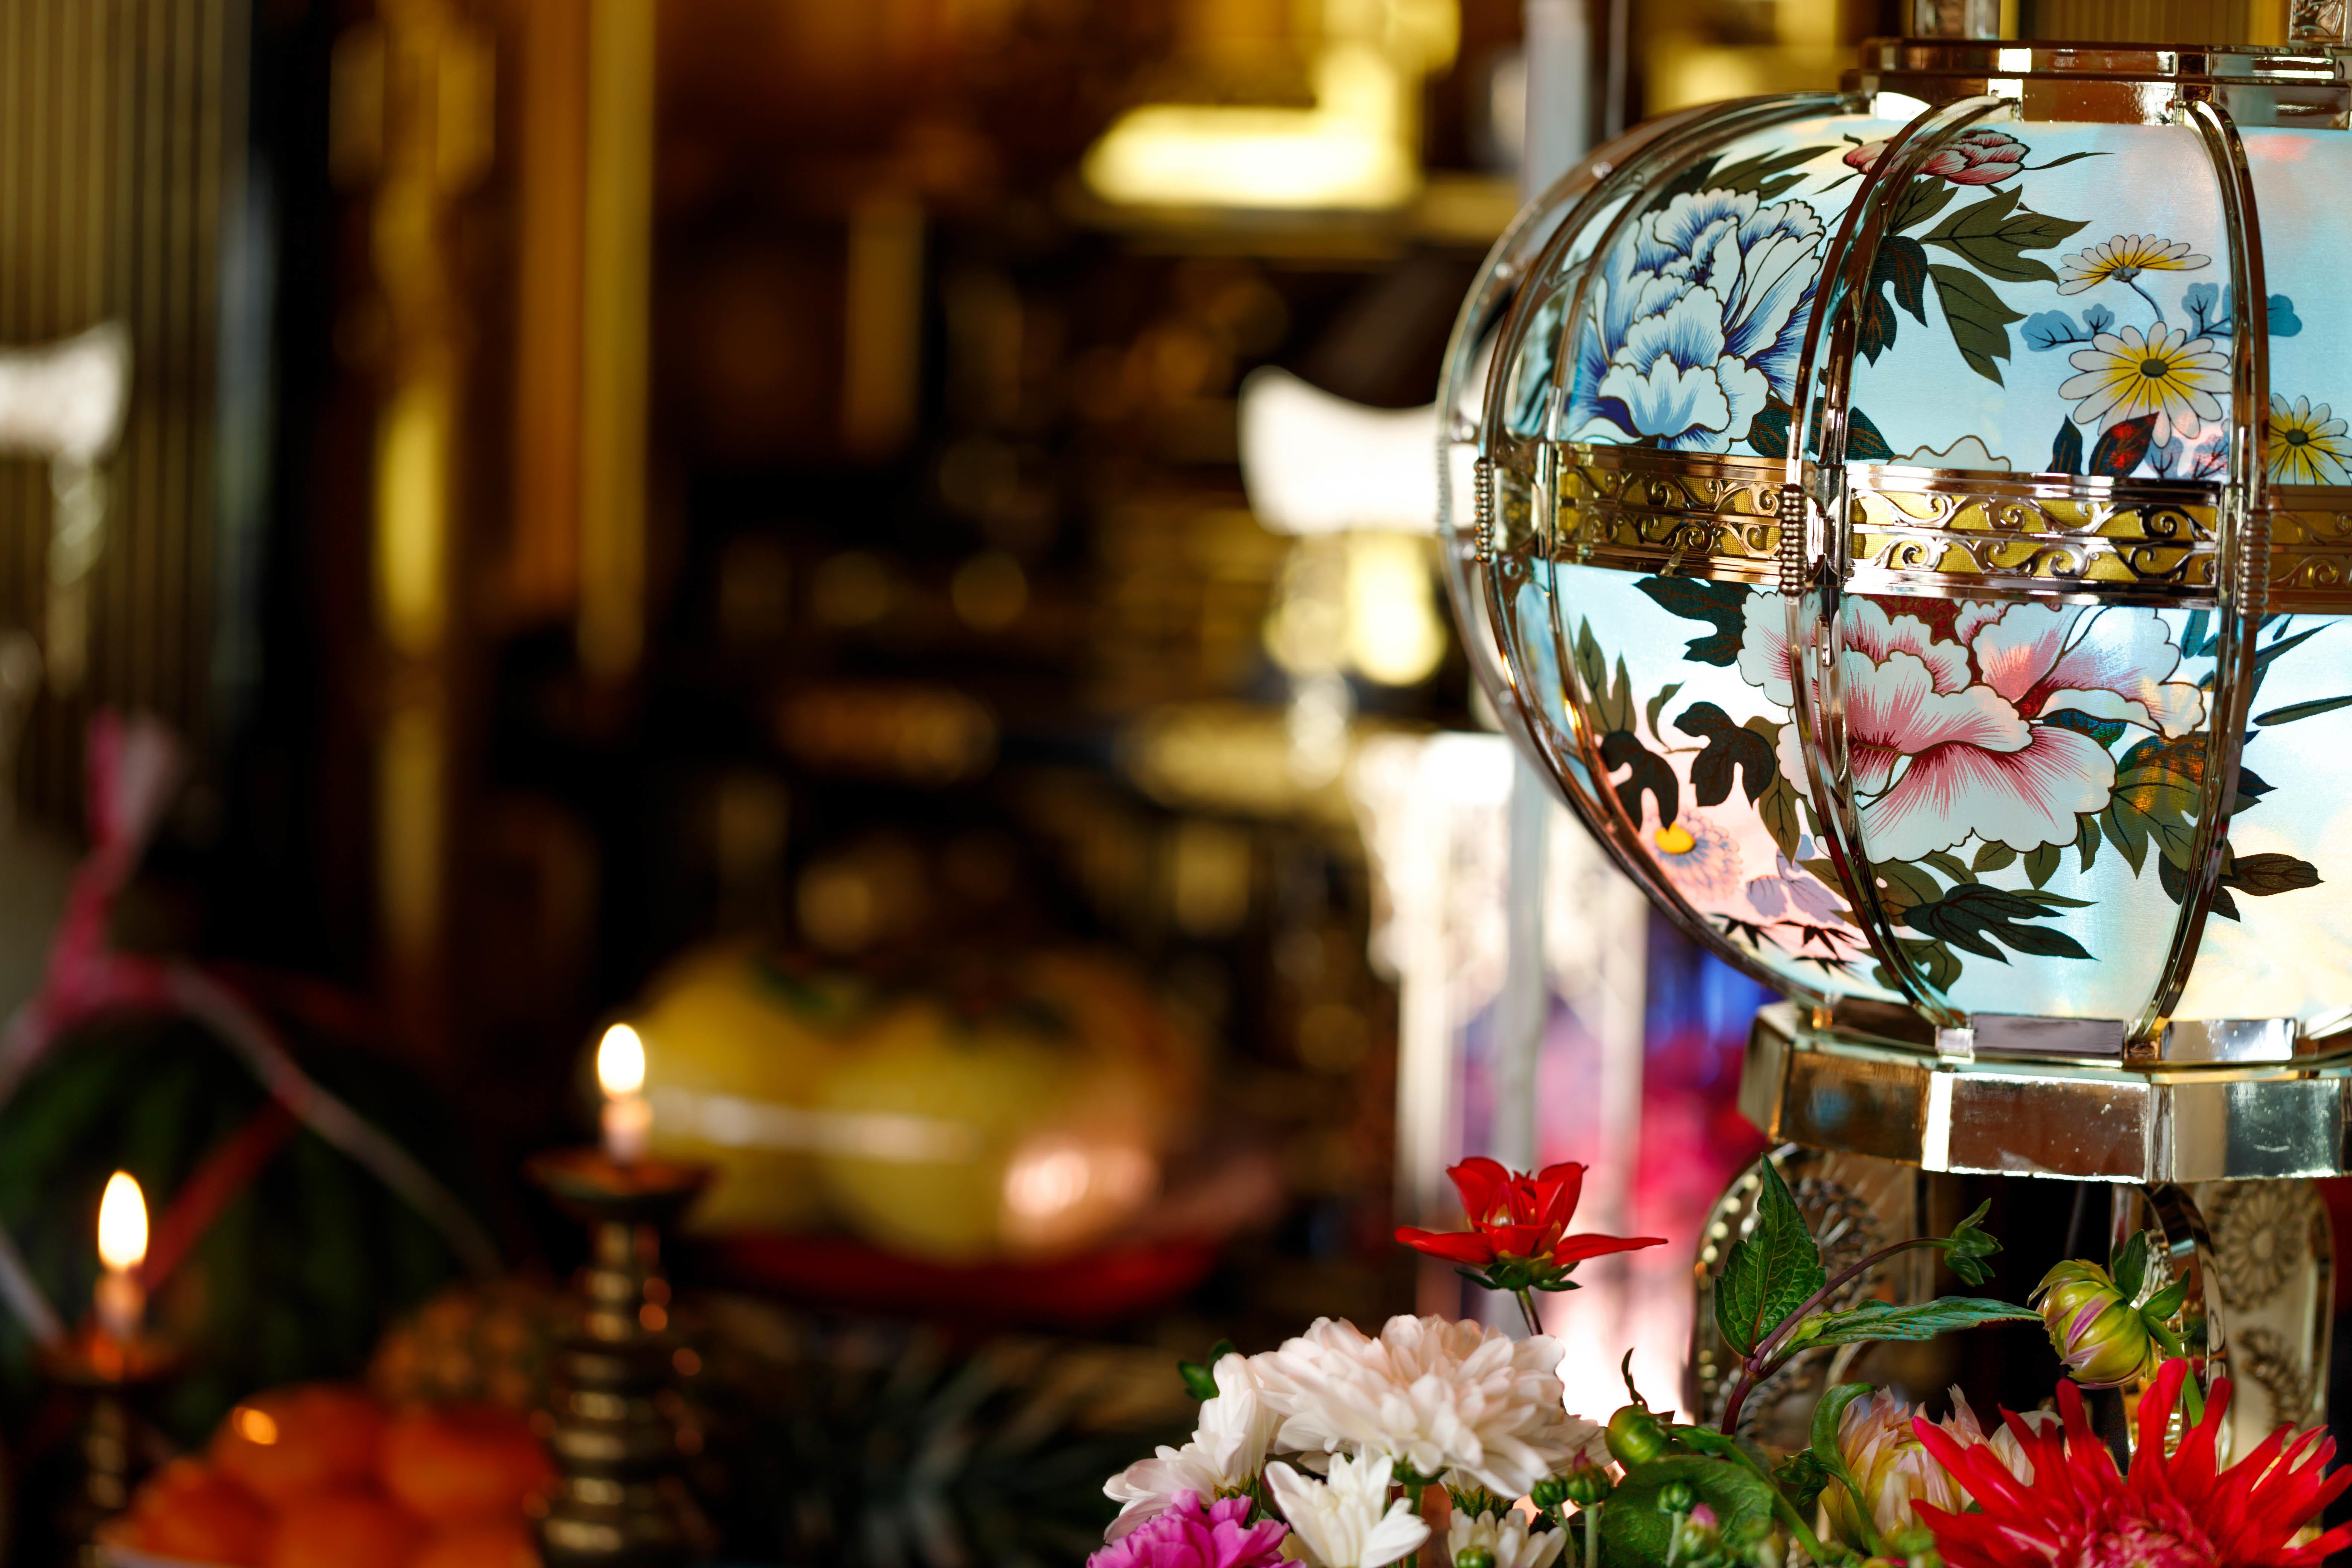 厨子(ずし)とは?役割や仏壇との違い、価格帯などを詳しく解説!のサムネイル画像